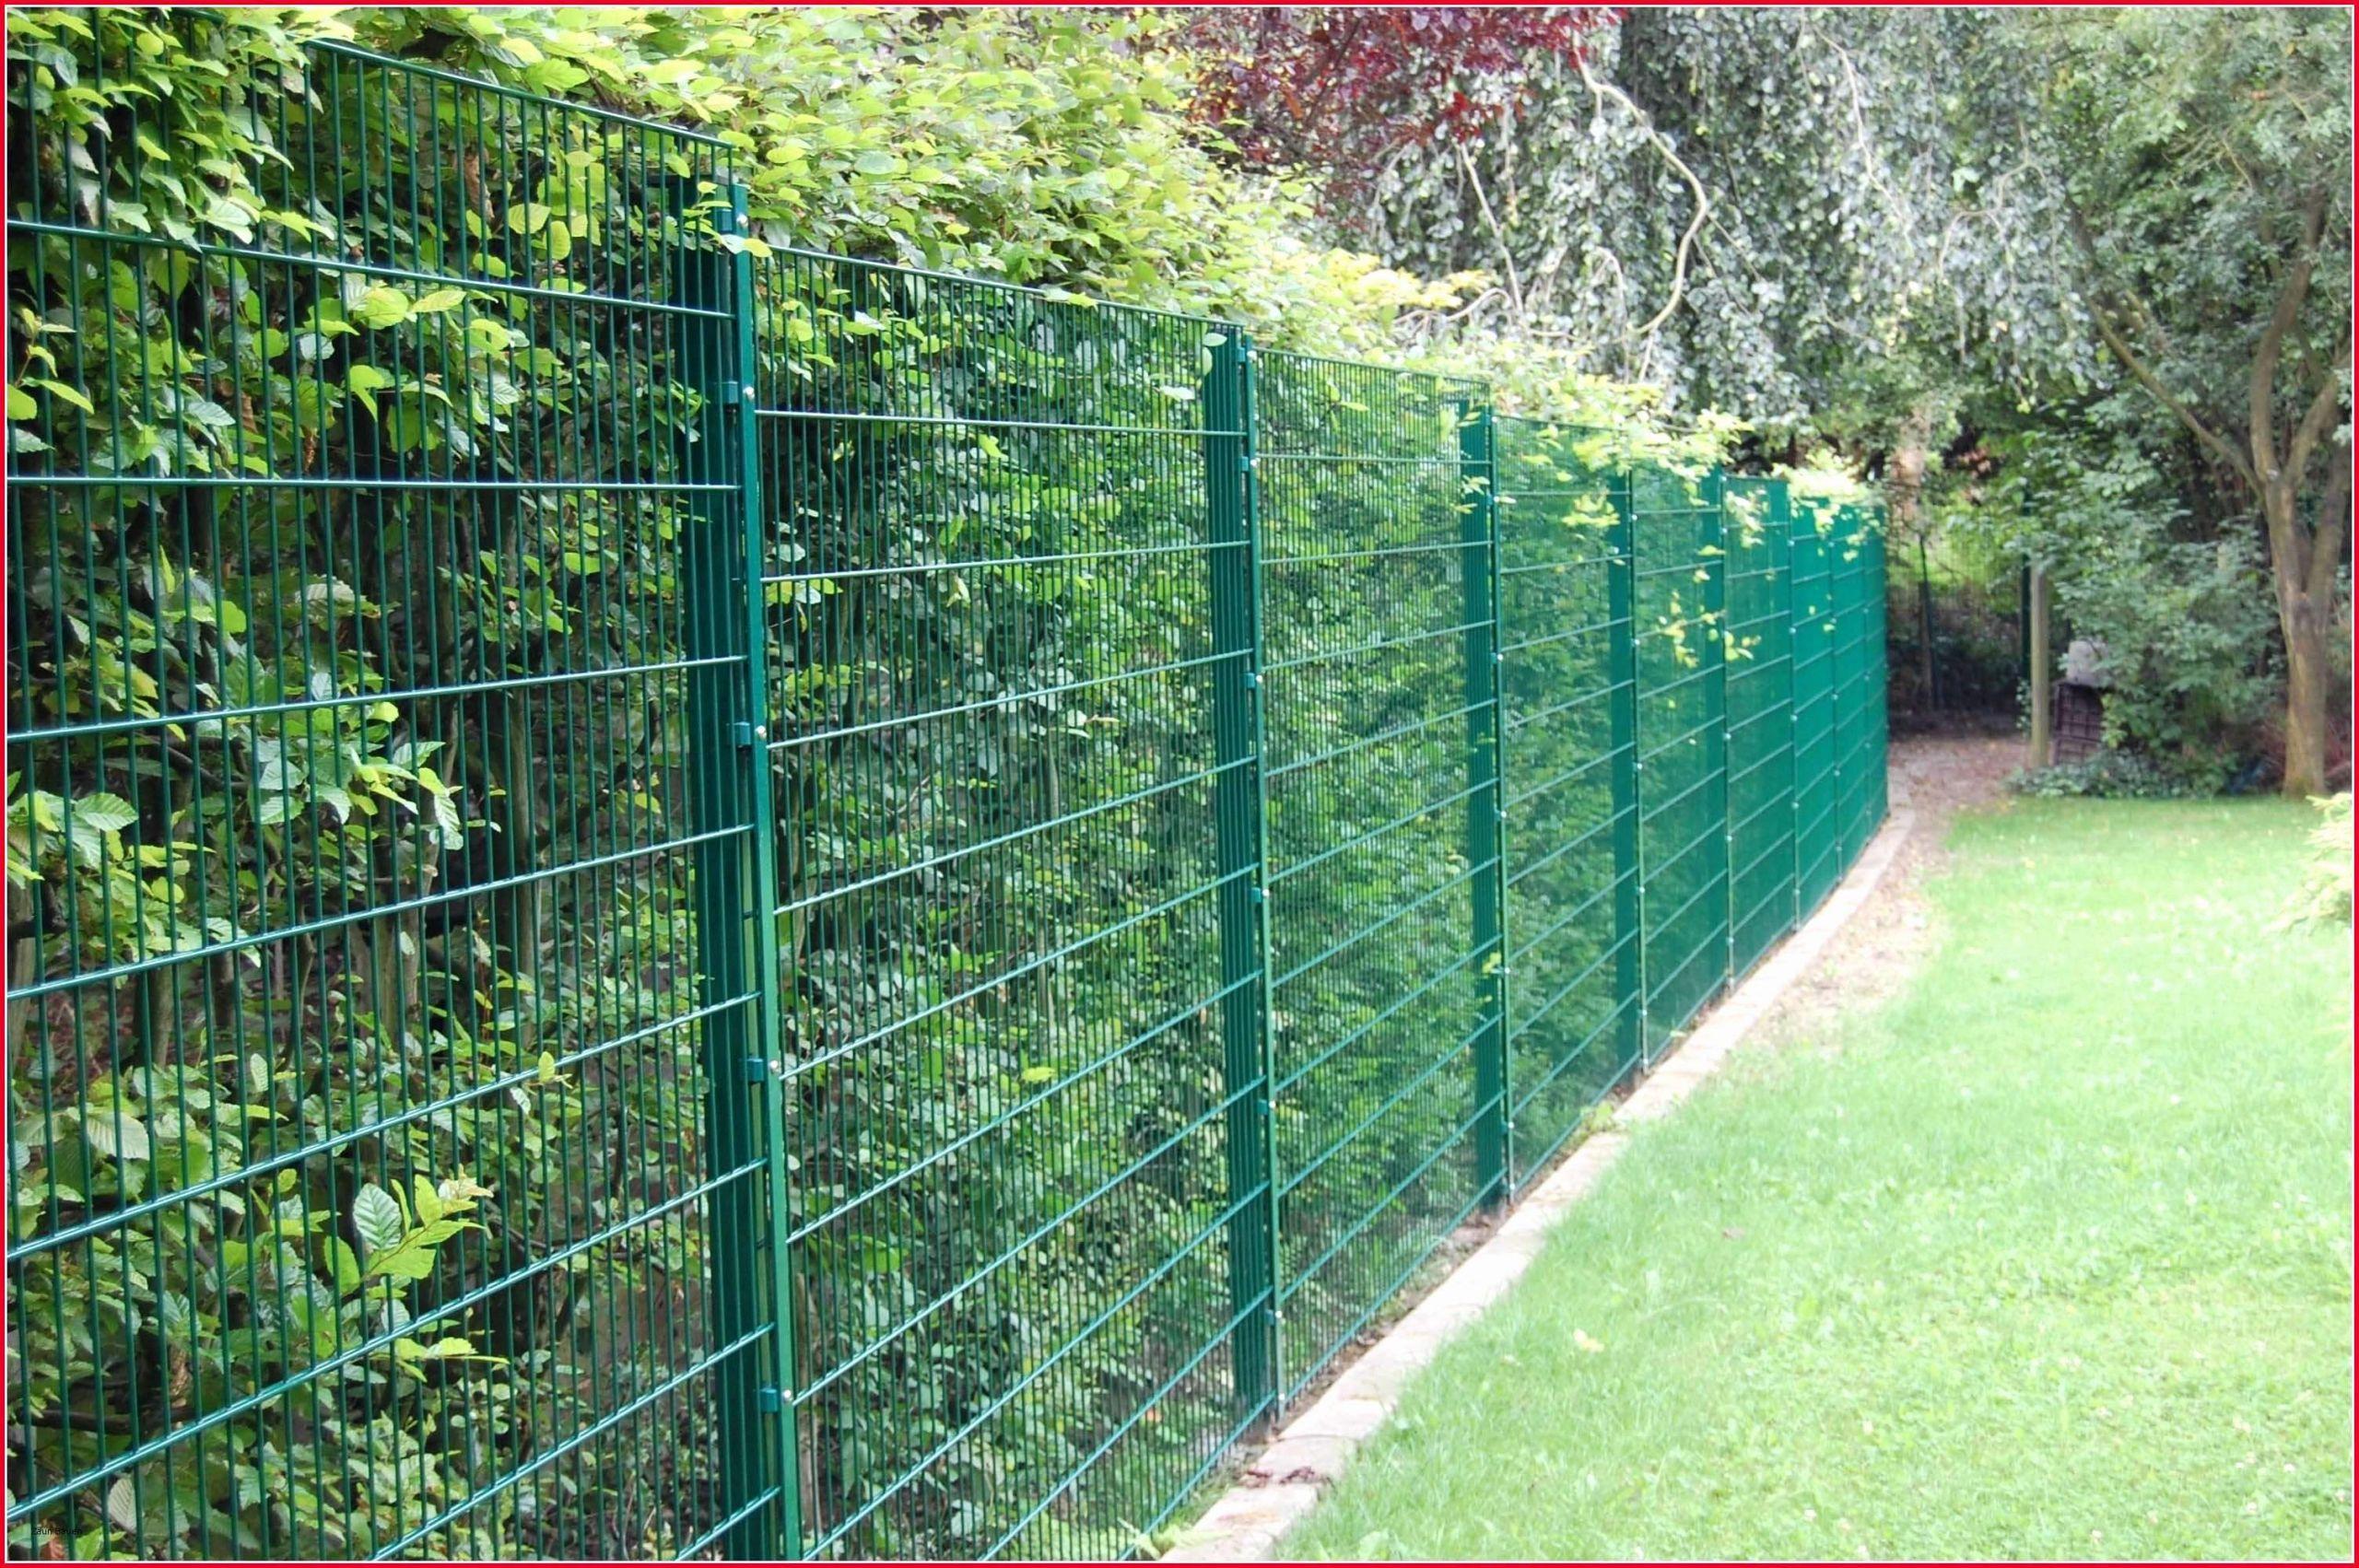 Gartengestaltung Mit Gabionen Einzigartig Zaun Garten Inspirierend Garden Design Ideas Beautiful